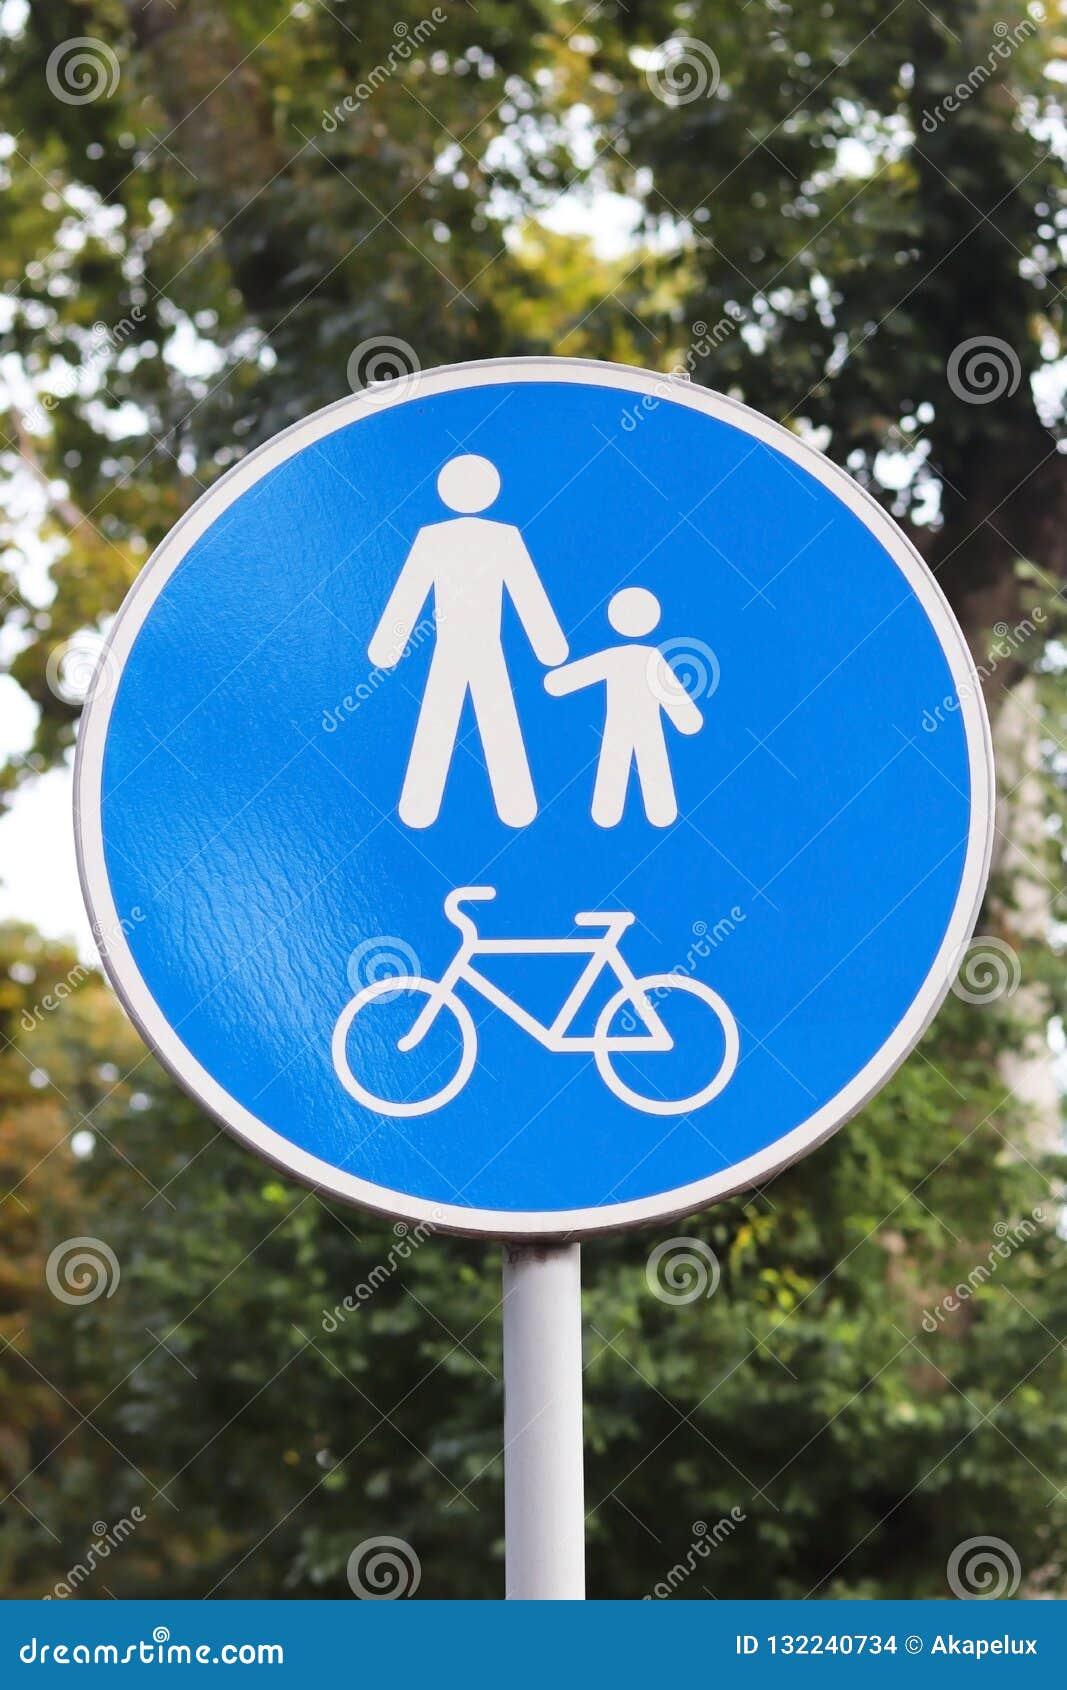 Το στρογγυλός-διαμορφωμένο οδικό σημάδι είναι μια ζώνη πεζών και ποδηλάτων σε ένα κλίμα του πράσινου φυλλώματος Οι λευκοί άνθρωπο